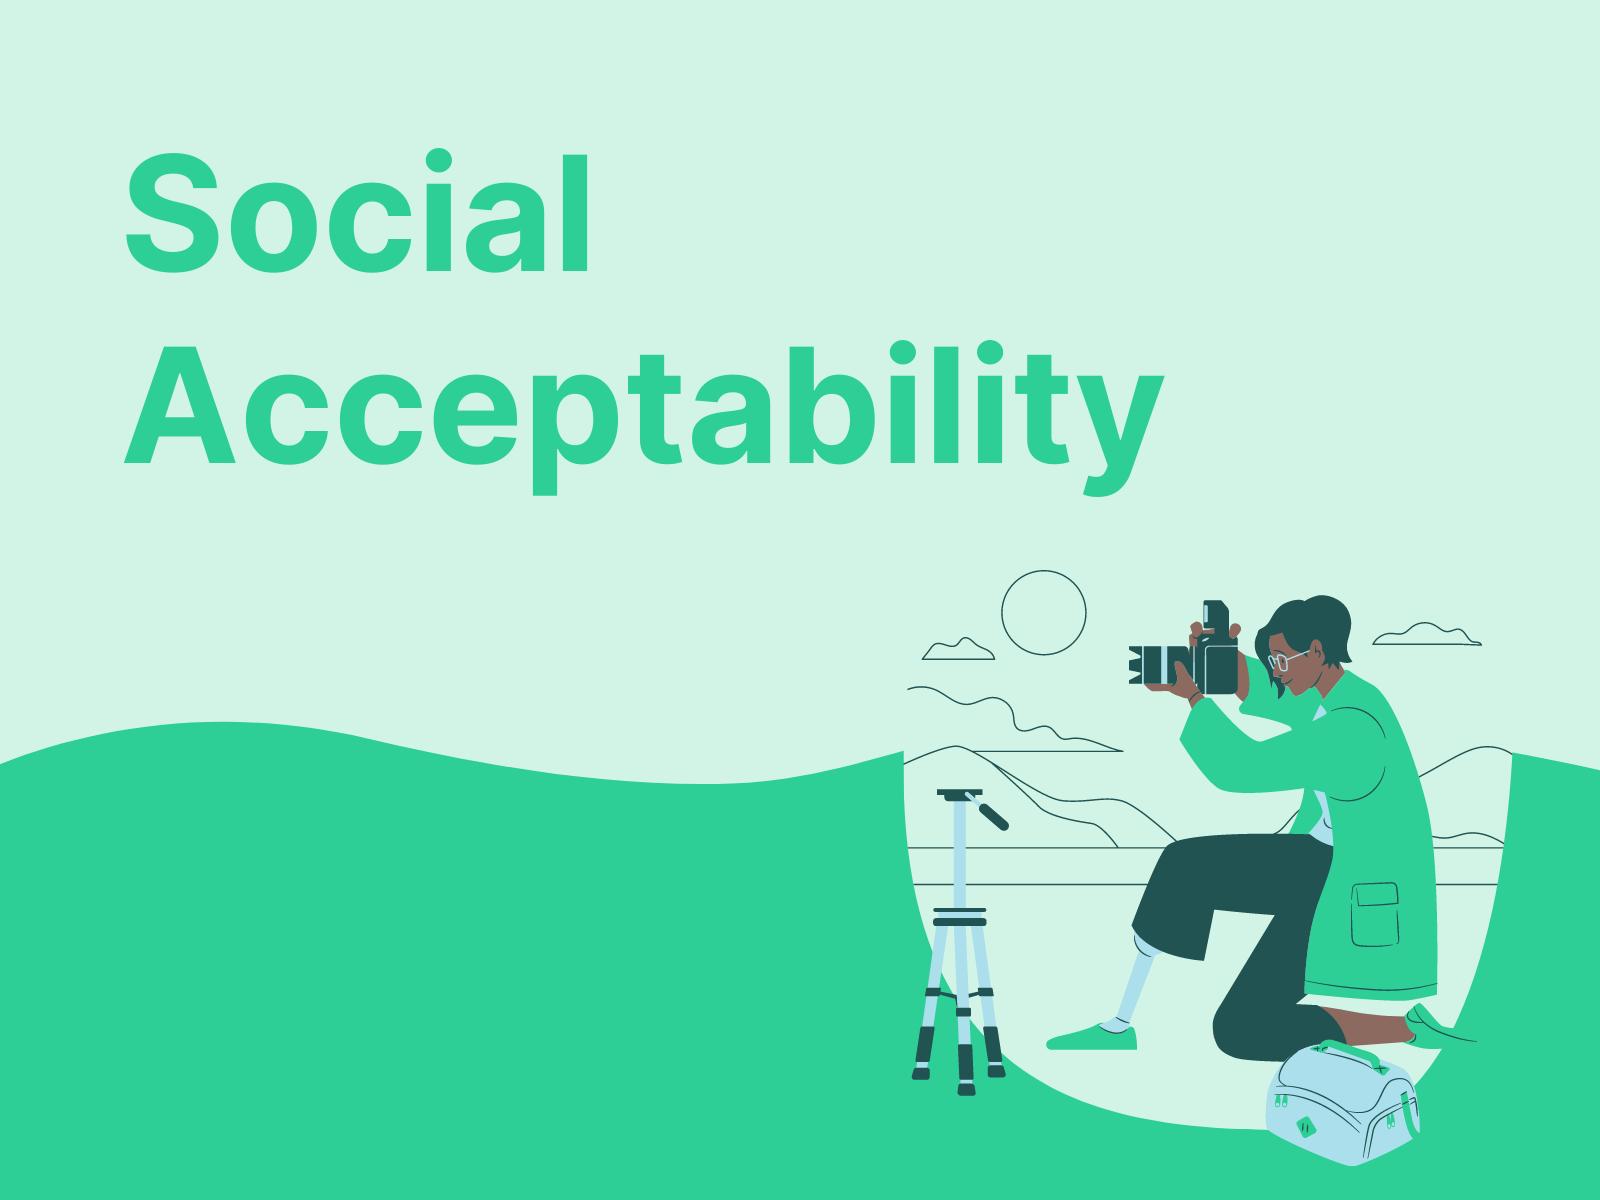 Social Acceptability